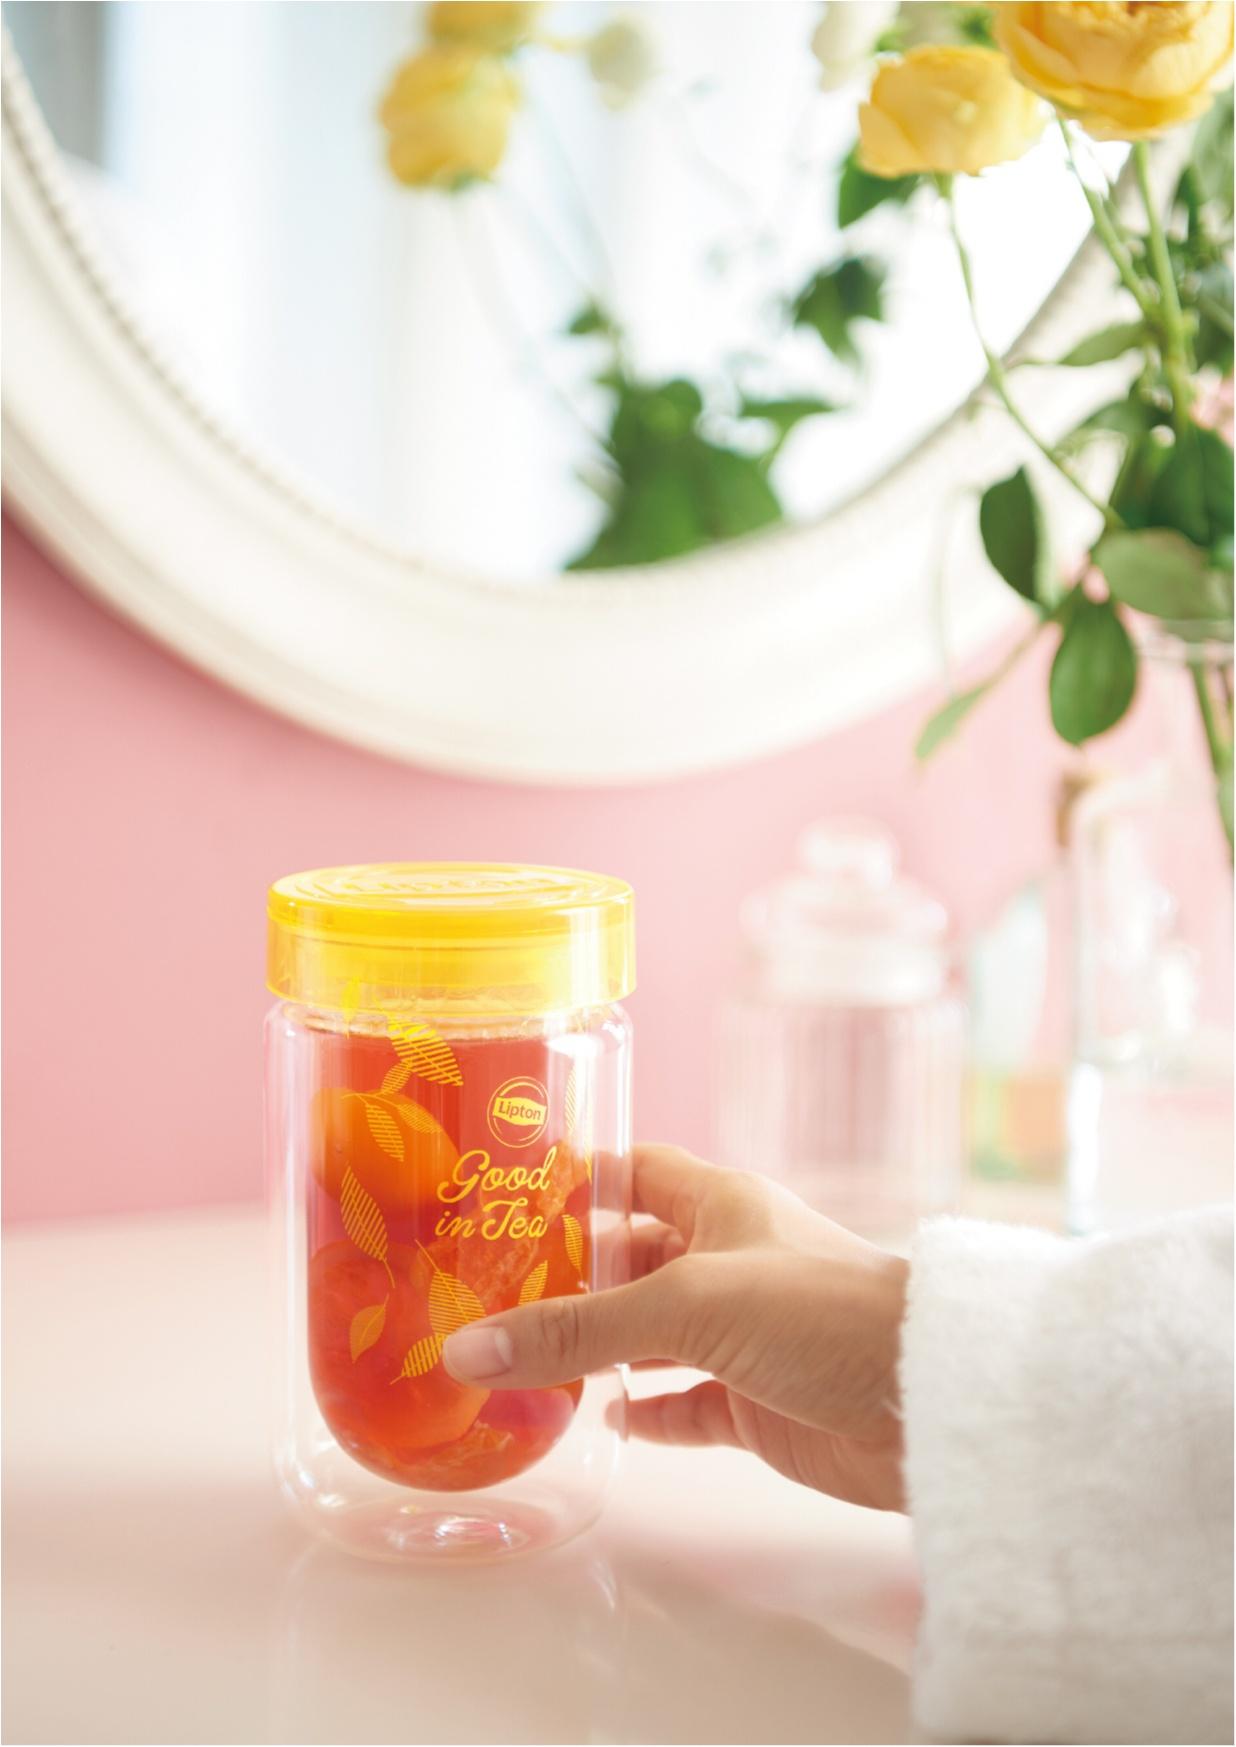 冬の紅茶を思い切り楽しむ『Lipton Good in Tea OMOTESANDO』でほっこり♡【1/24(水)〜4/1(日)の期間限定ストア】_1_2